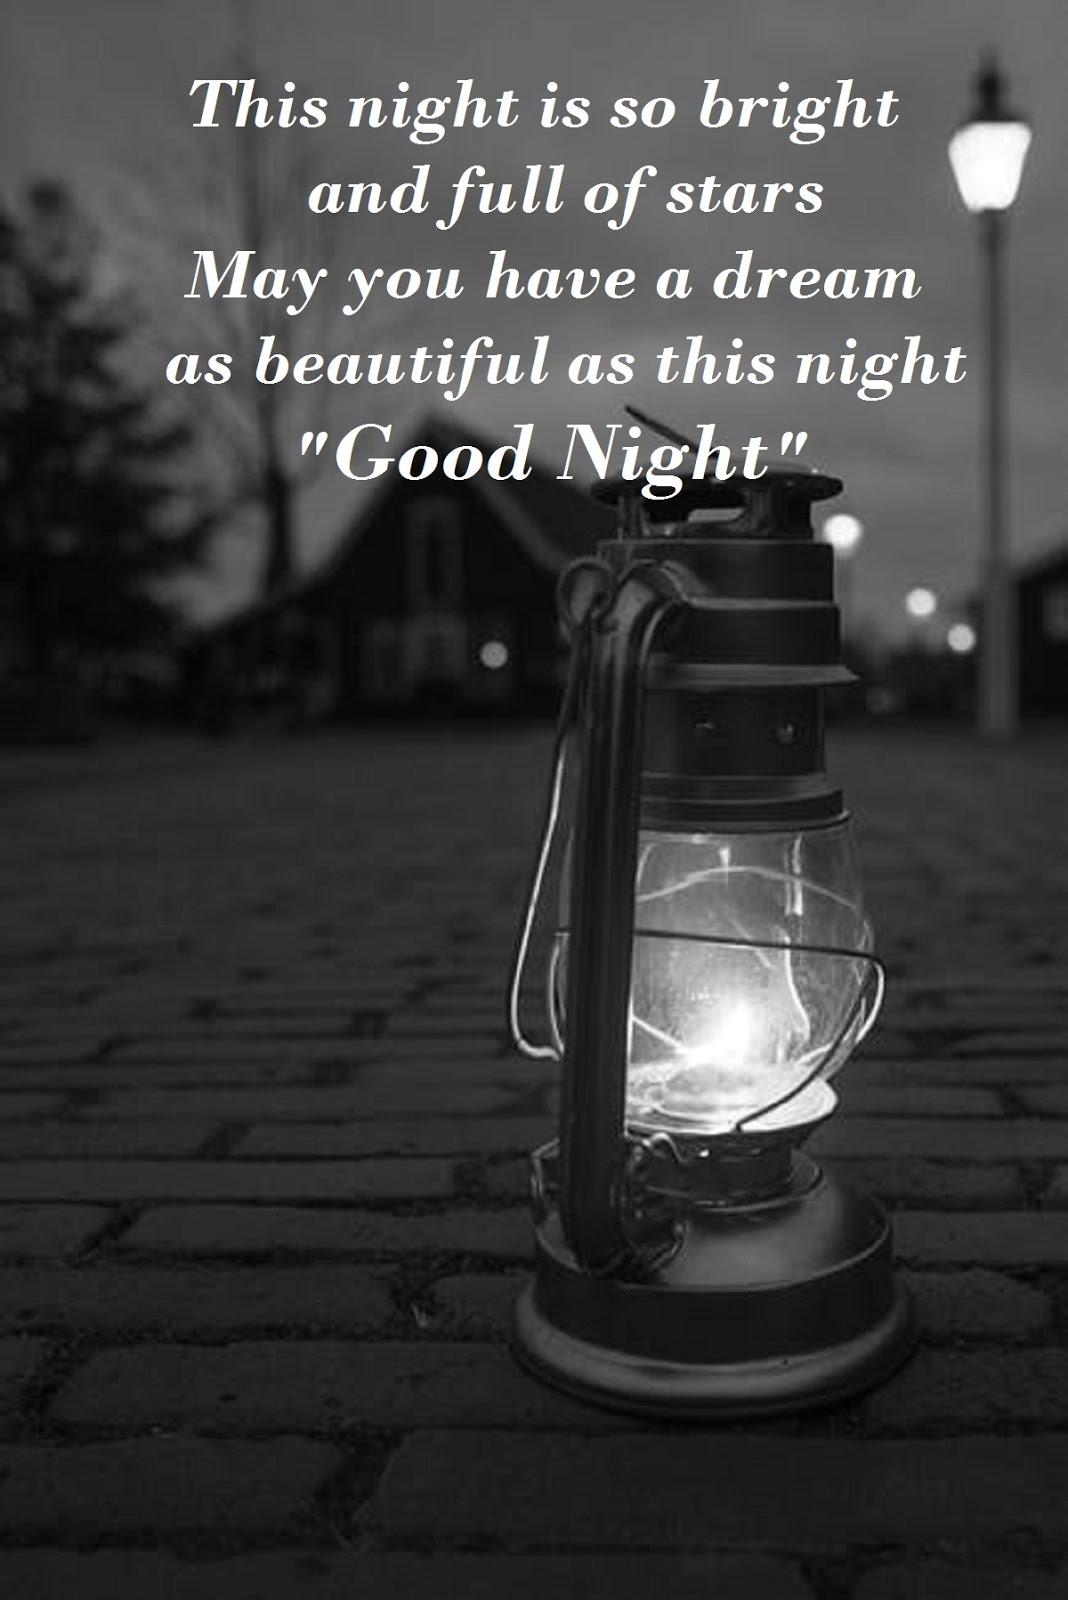 good night jokes image download